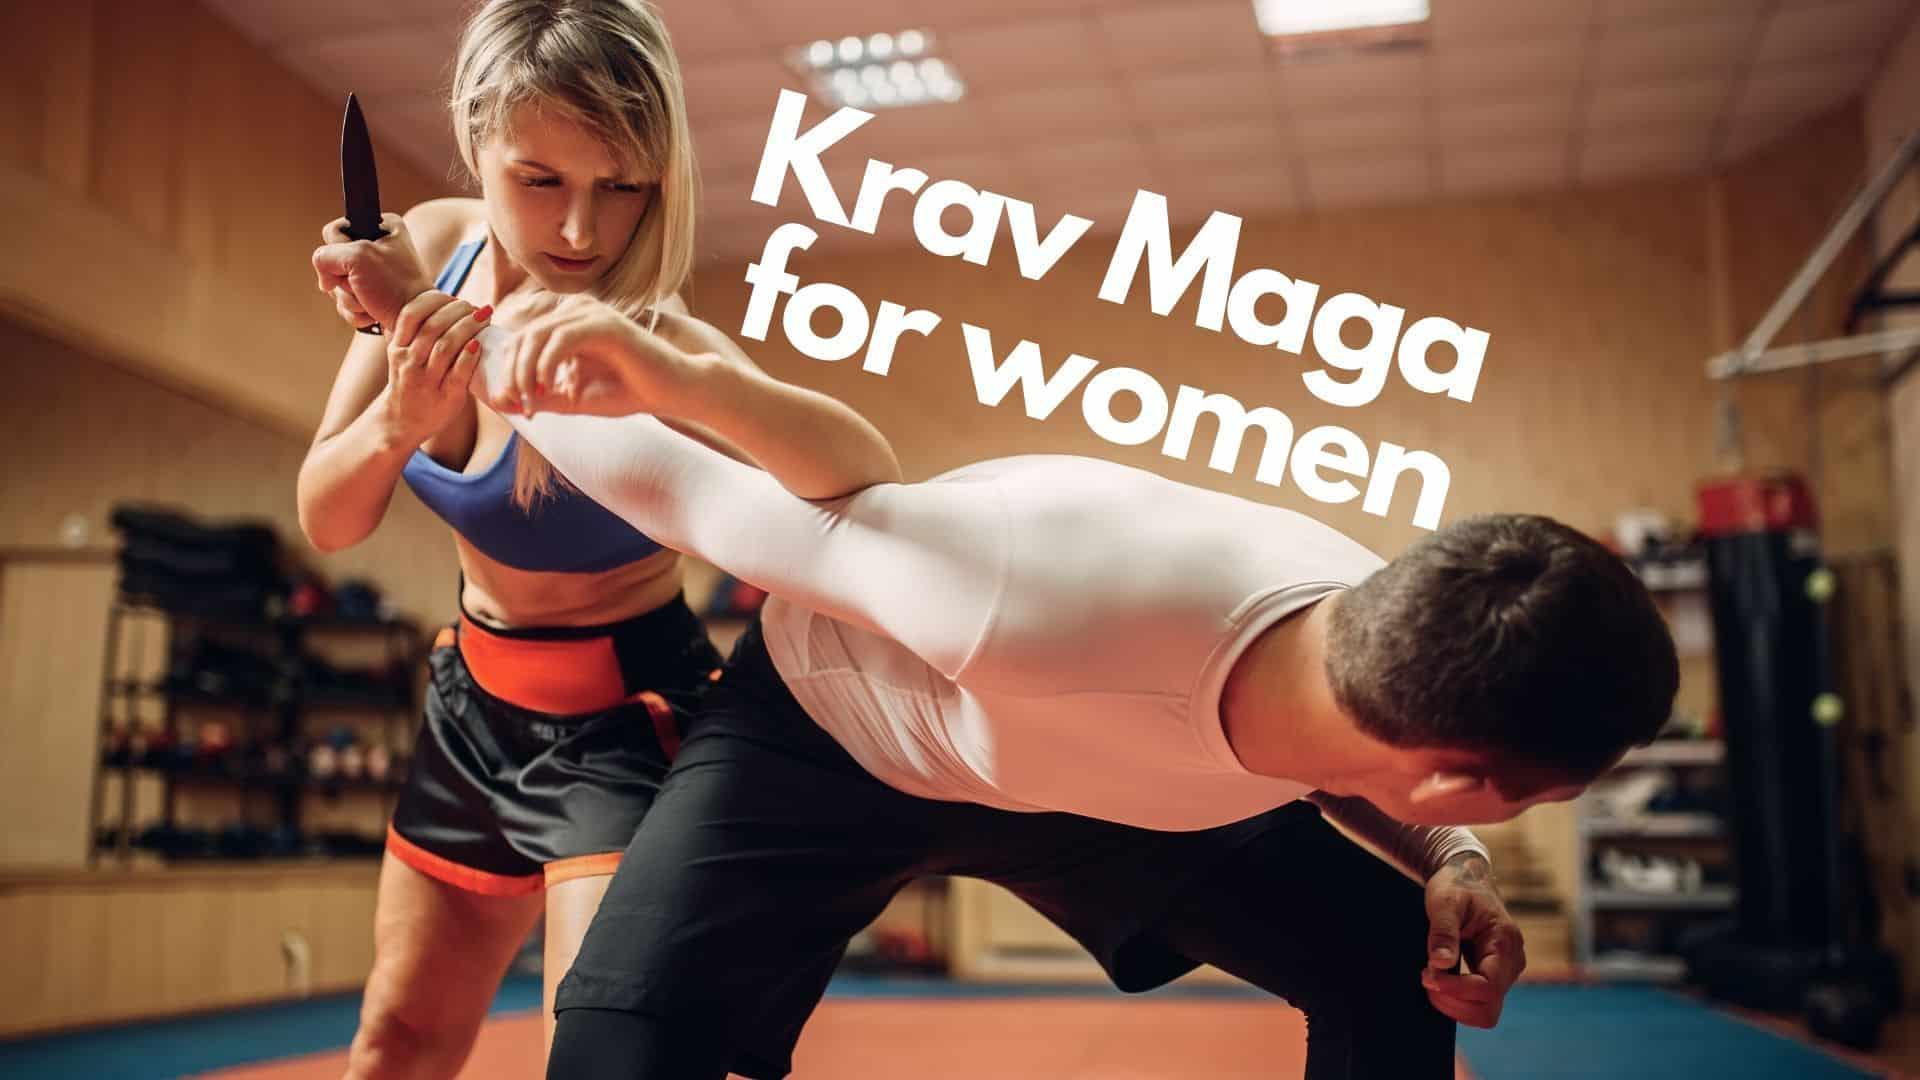 Krav Maga effective self-defense for women | Why it's so popular